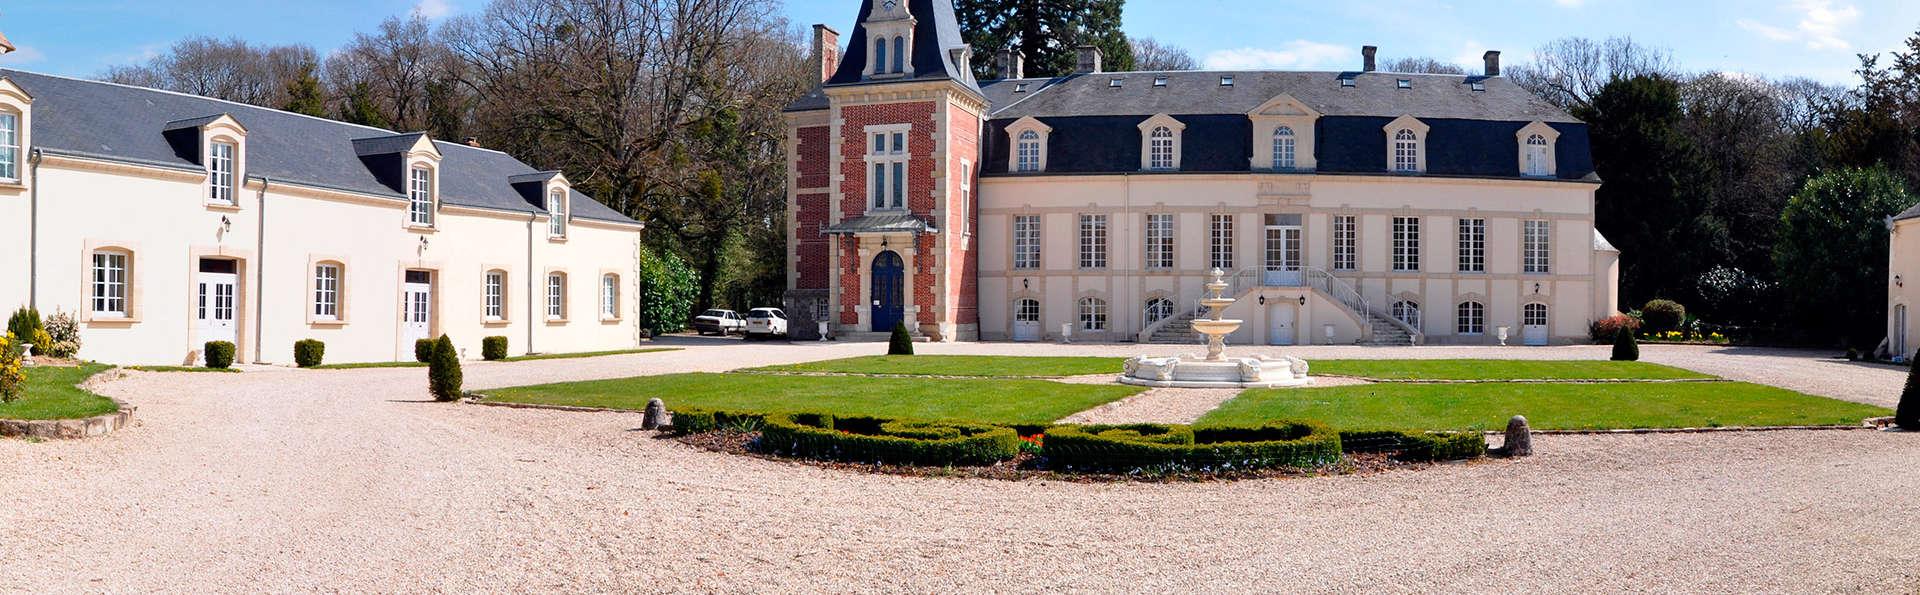 Week-end près de Chartres